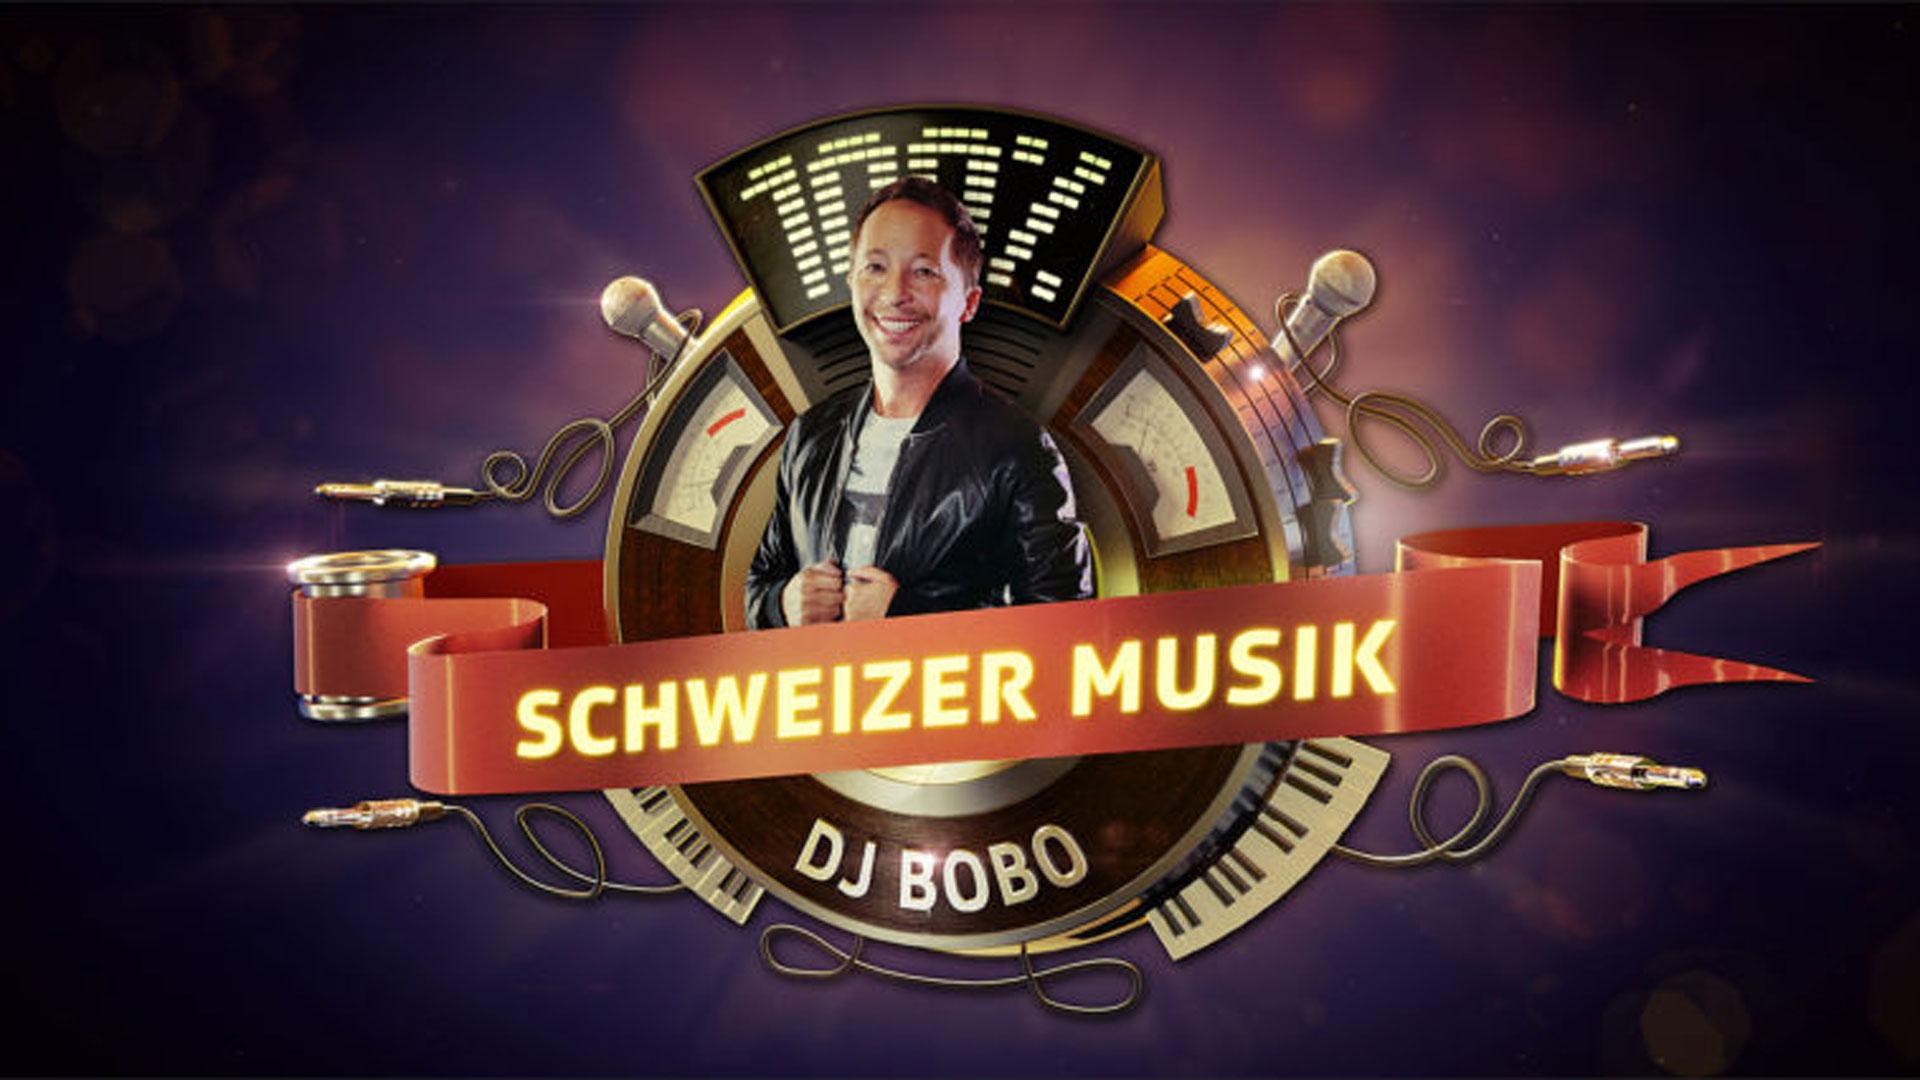 100_SchweizerMusik_DjBOBO